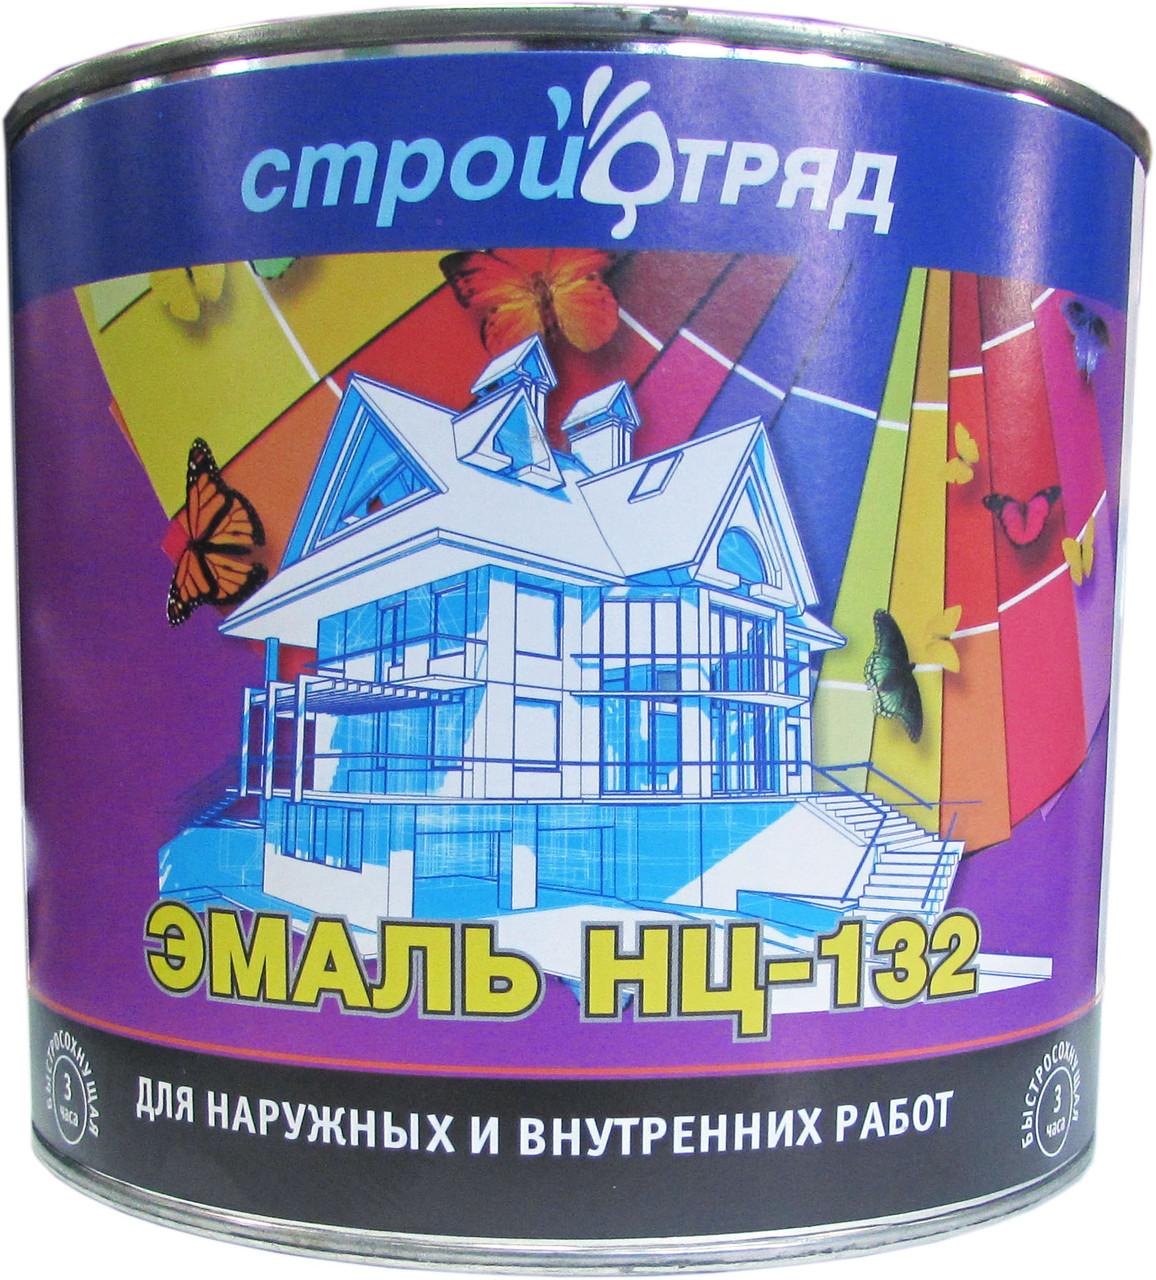 ЭМАЛЬ НЦ-132 коричневая 2,6 кг